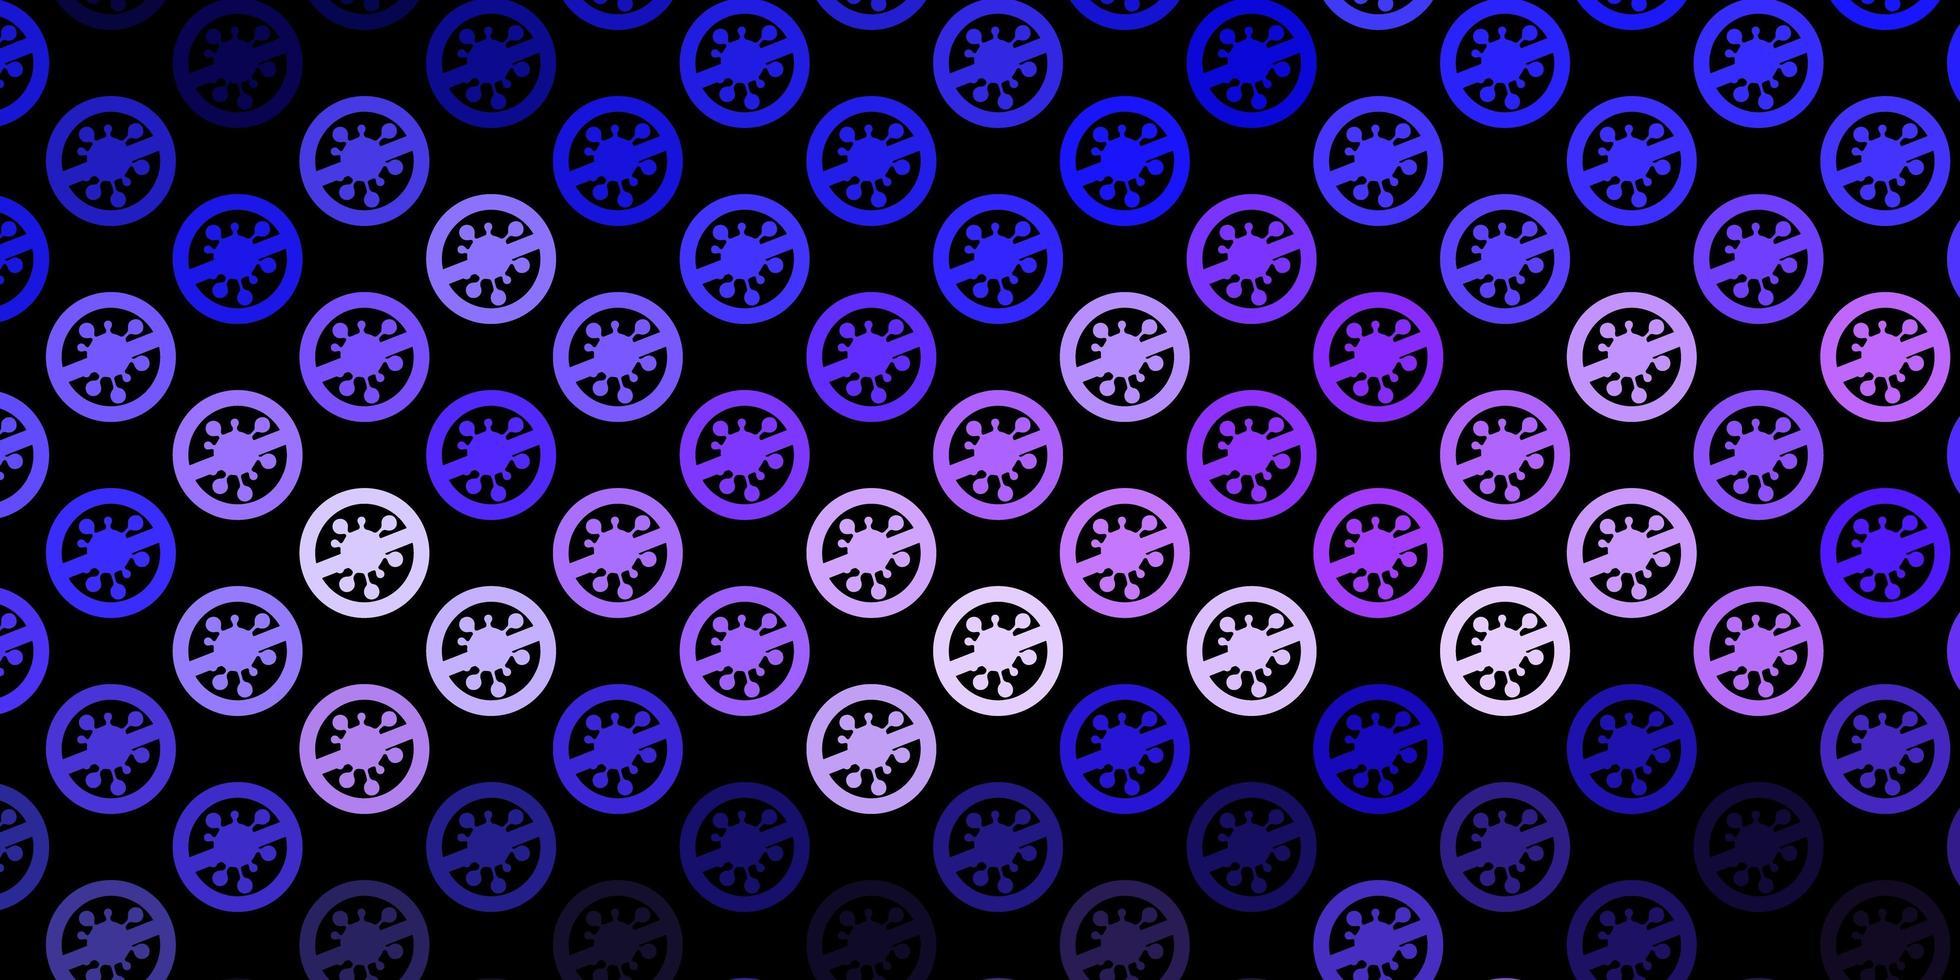 mörk lila vektor bakgrund med covid-19 symboler.